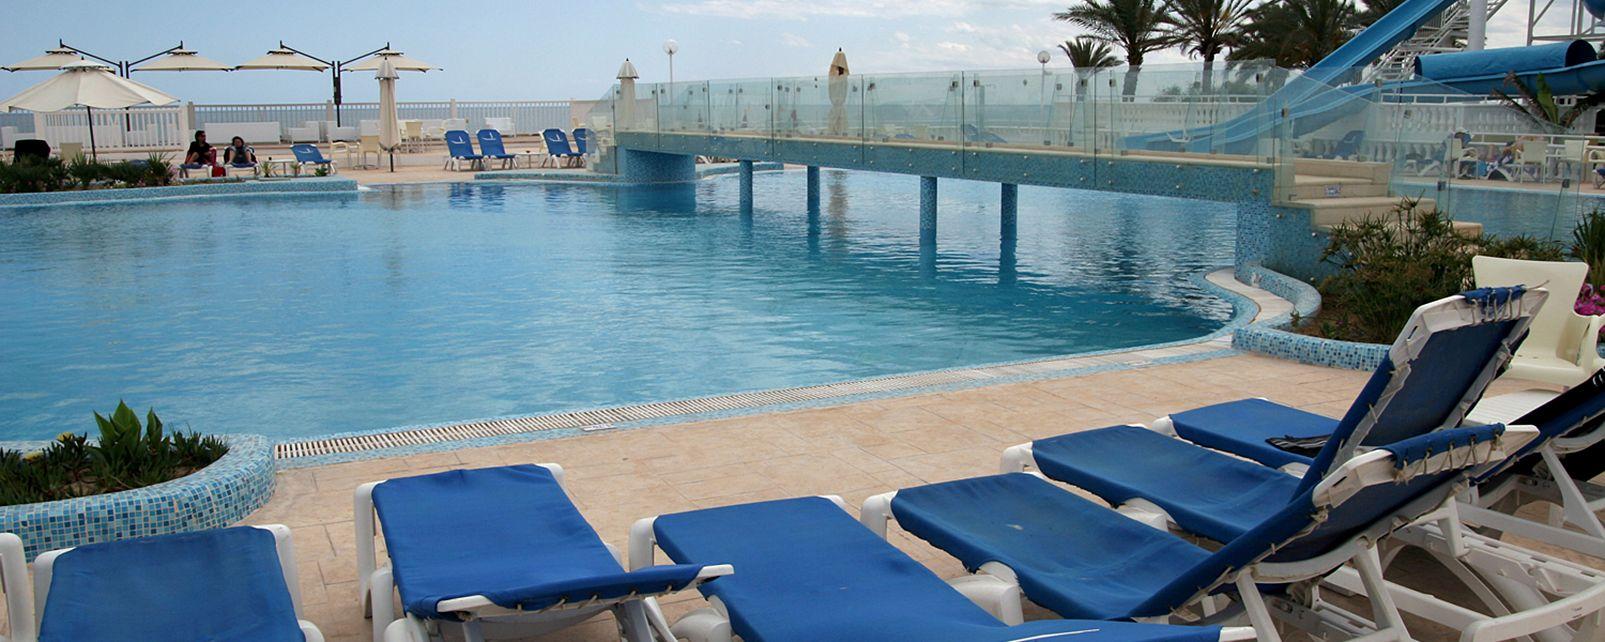 voyage tunisie samira club